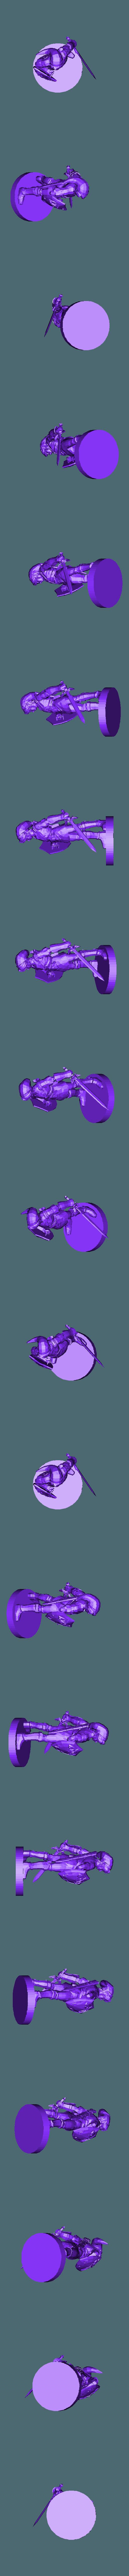 Link.stl Download free STL file Link 3D Model • 3D printable object, NicoDLC